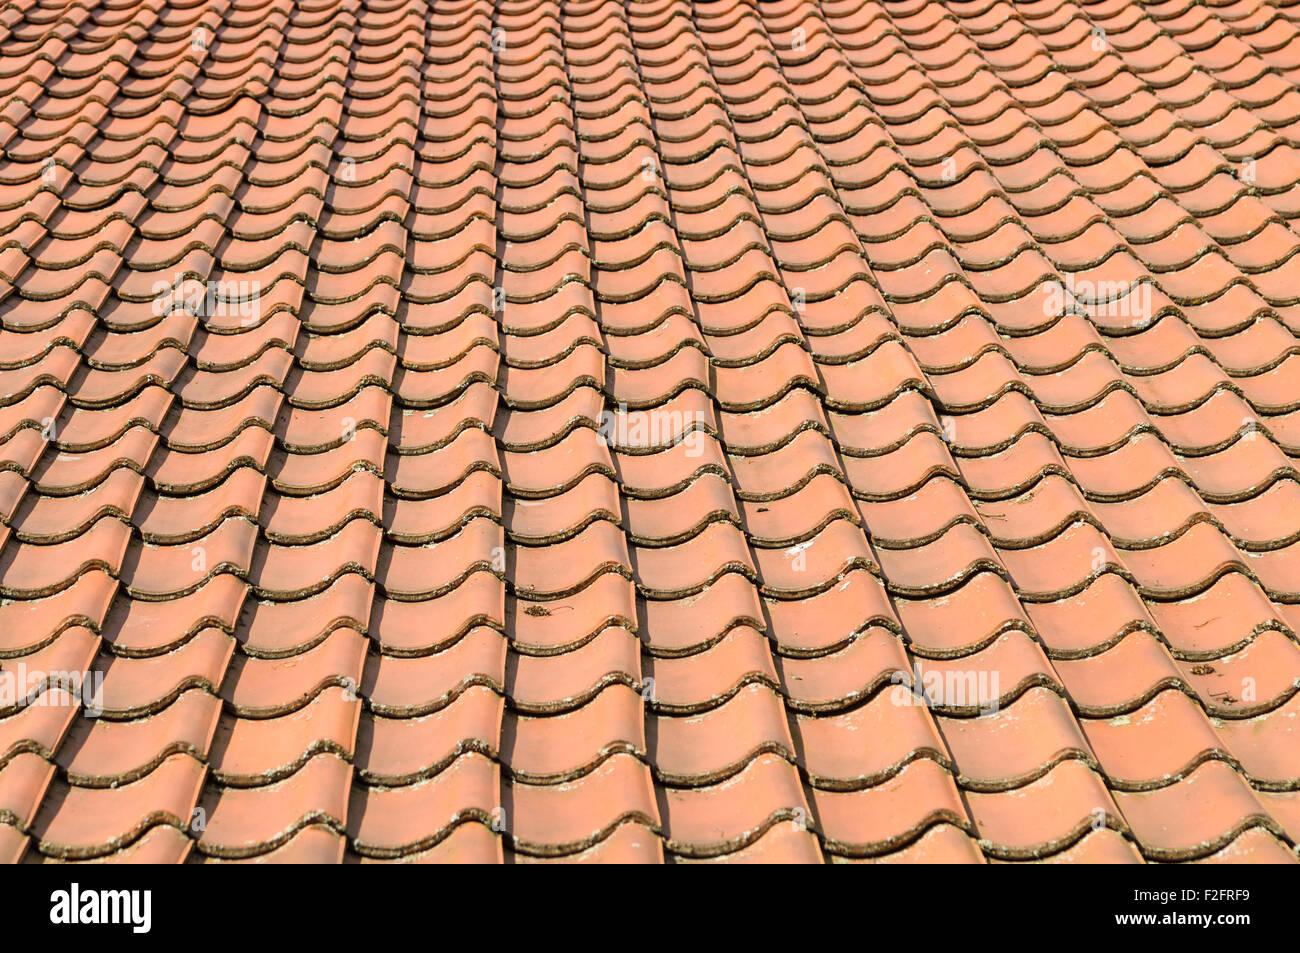 Orange Roof Tiles Stock Photos Amp Orange Roof Tiles Stock